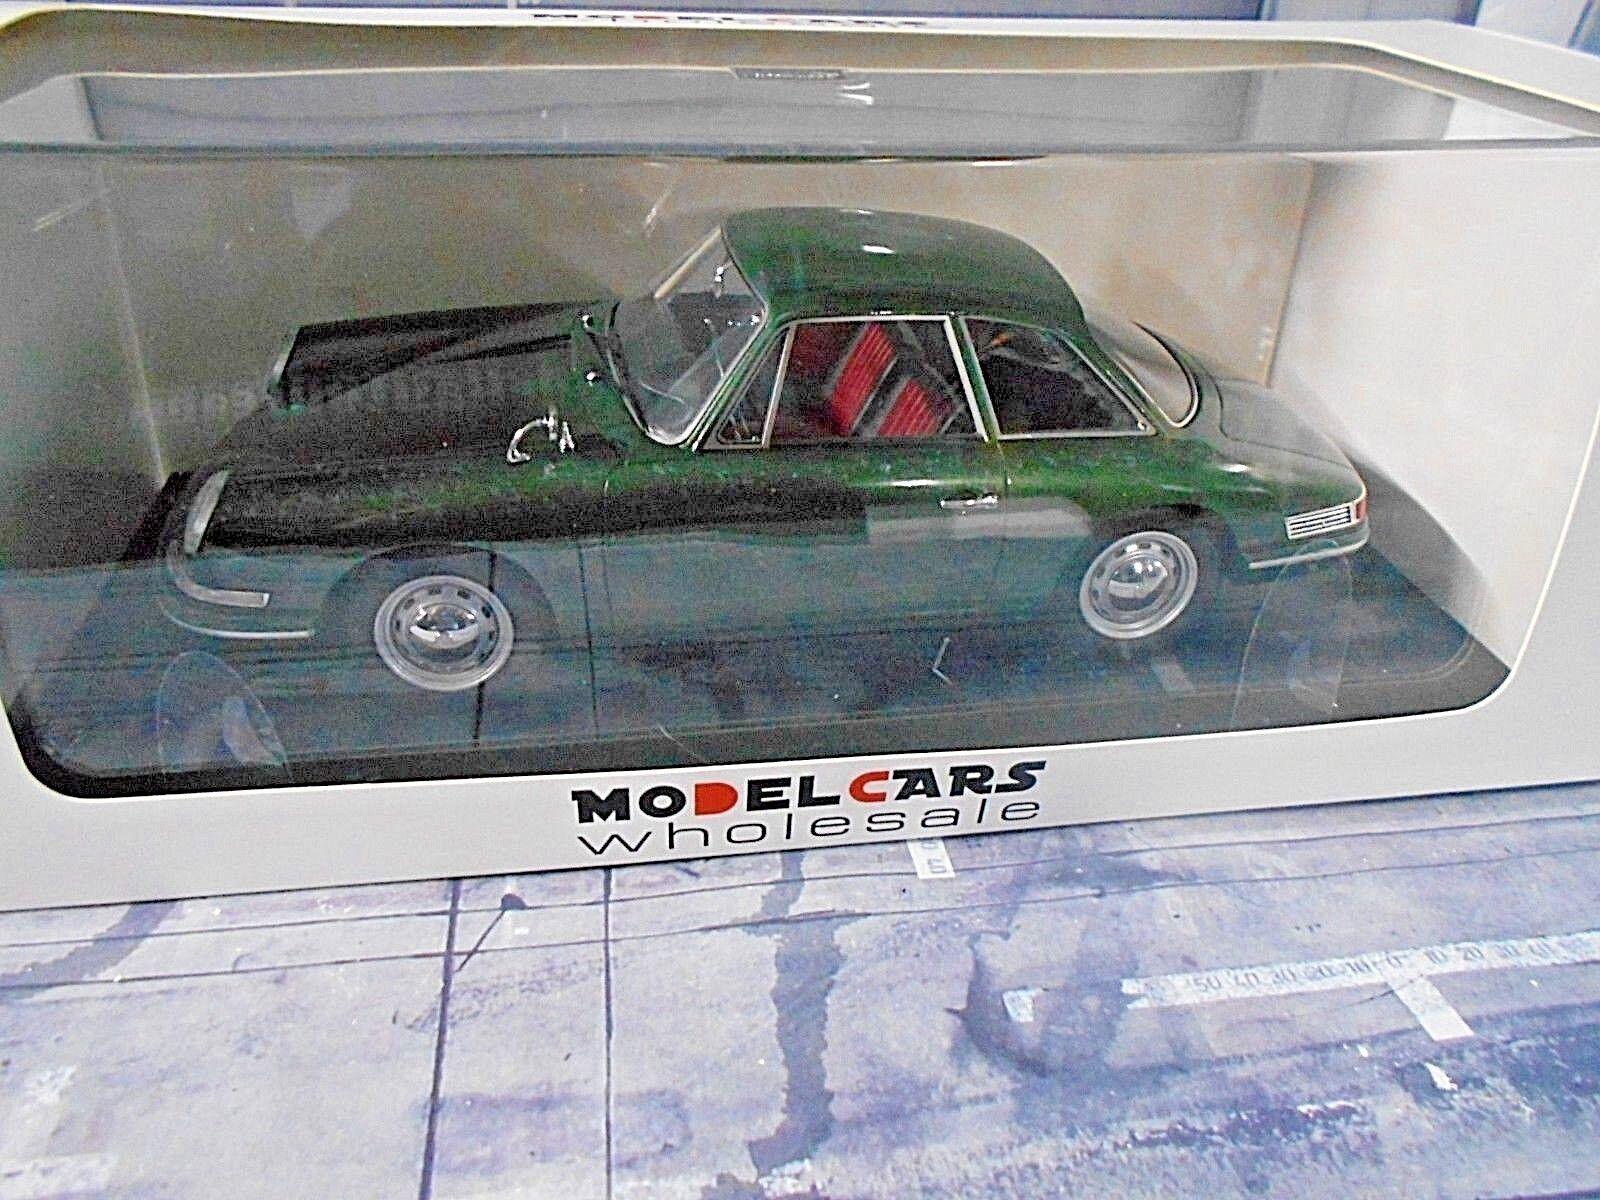 Porsche 911 754 t7 prougeotype étude 1959 vert Vert Nouveau 1 300 autocult 1 18